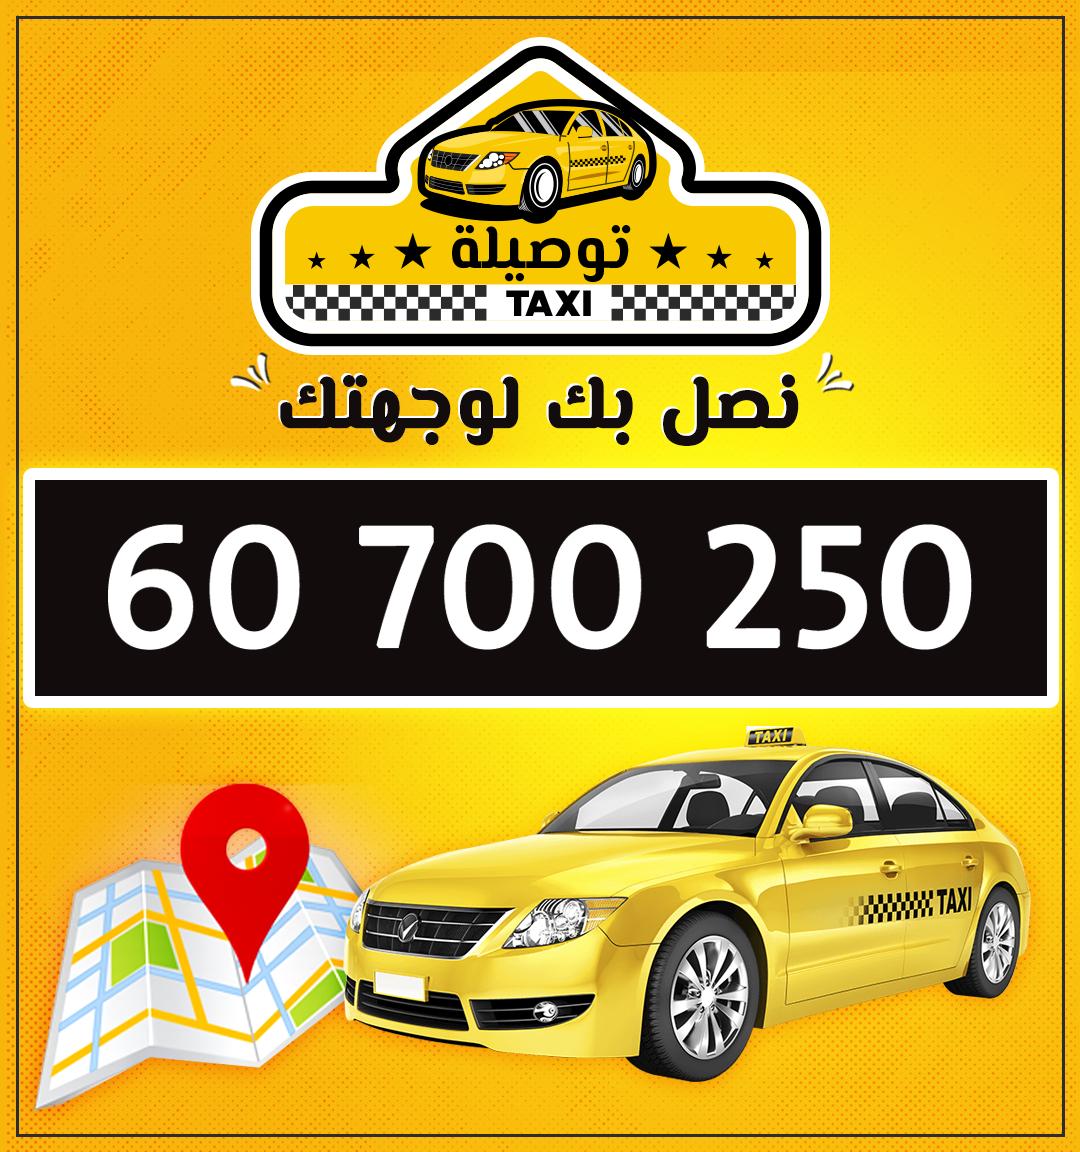 تاكسي توصيلة في شارع سلطان الكليب